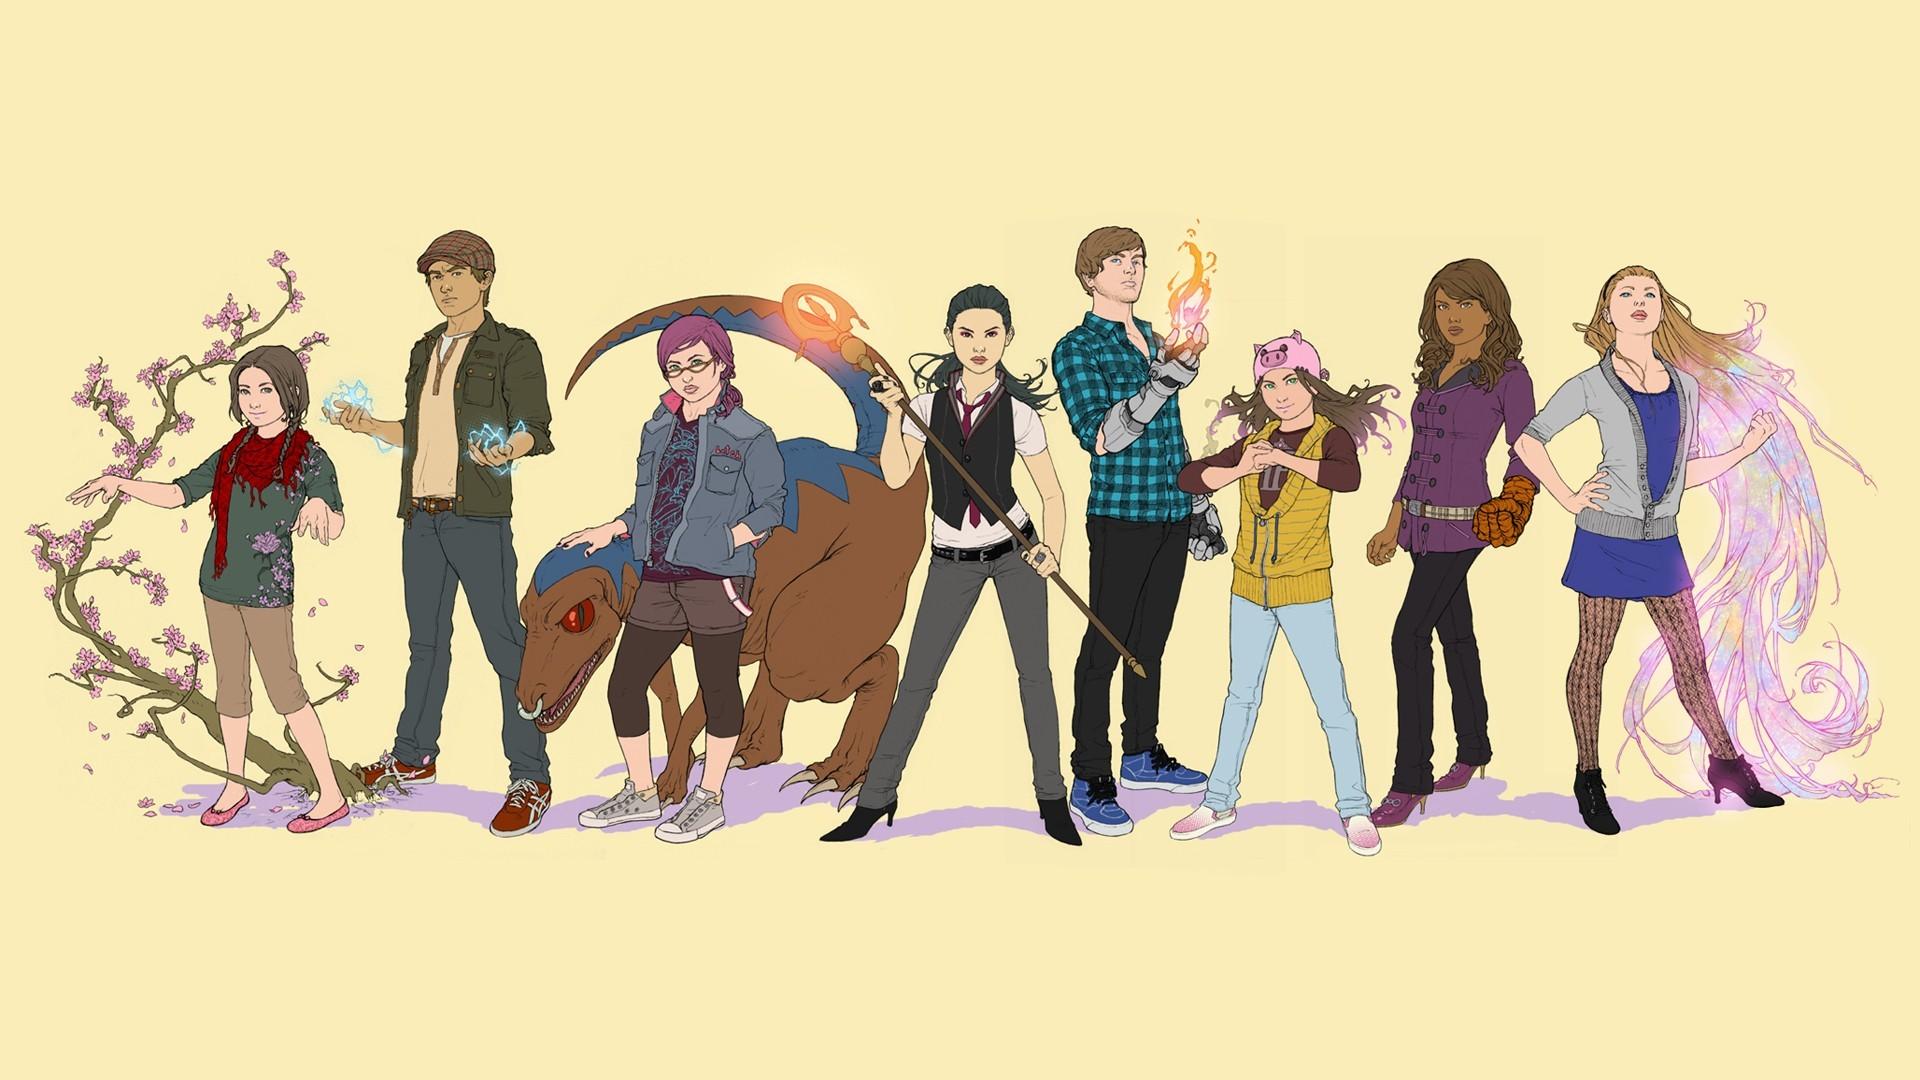 Imagem dos quadrinhos Runaways, ou Fugitivos, na segunda formação da equipe, com oito integrantes.